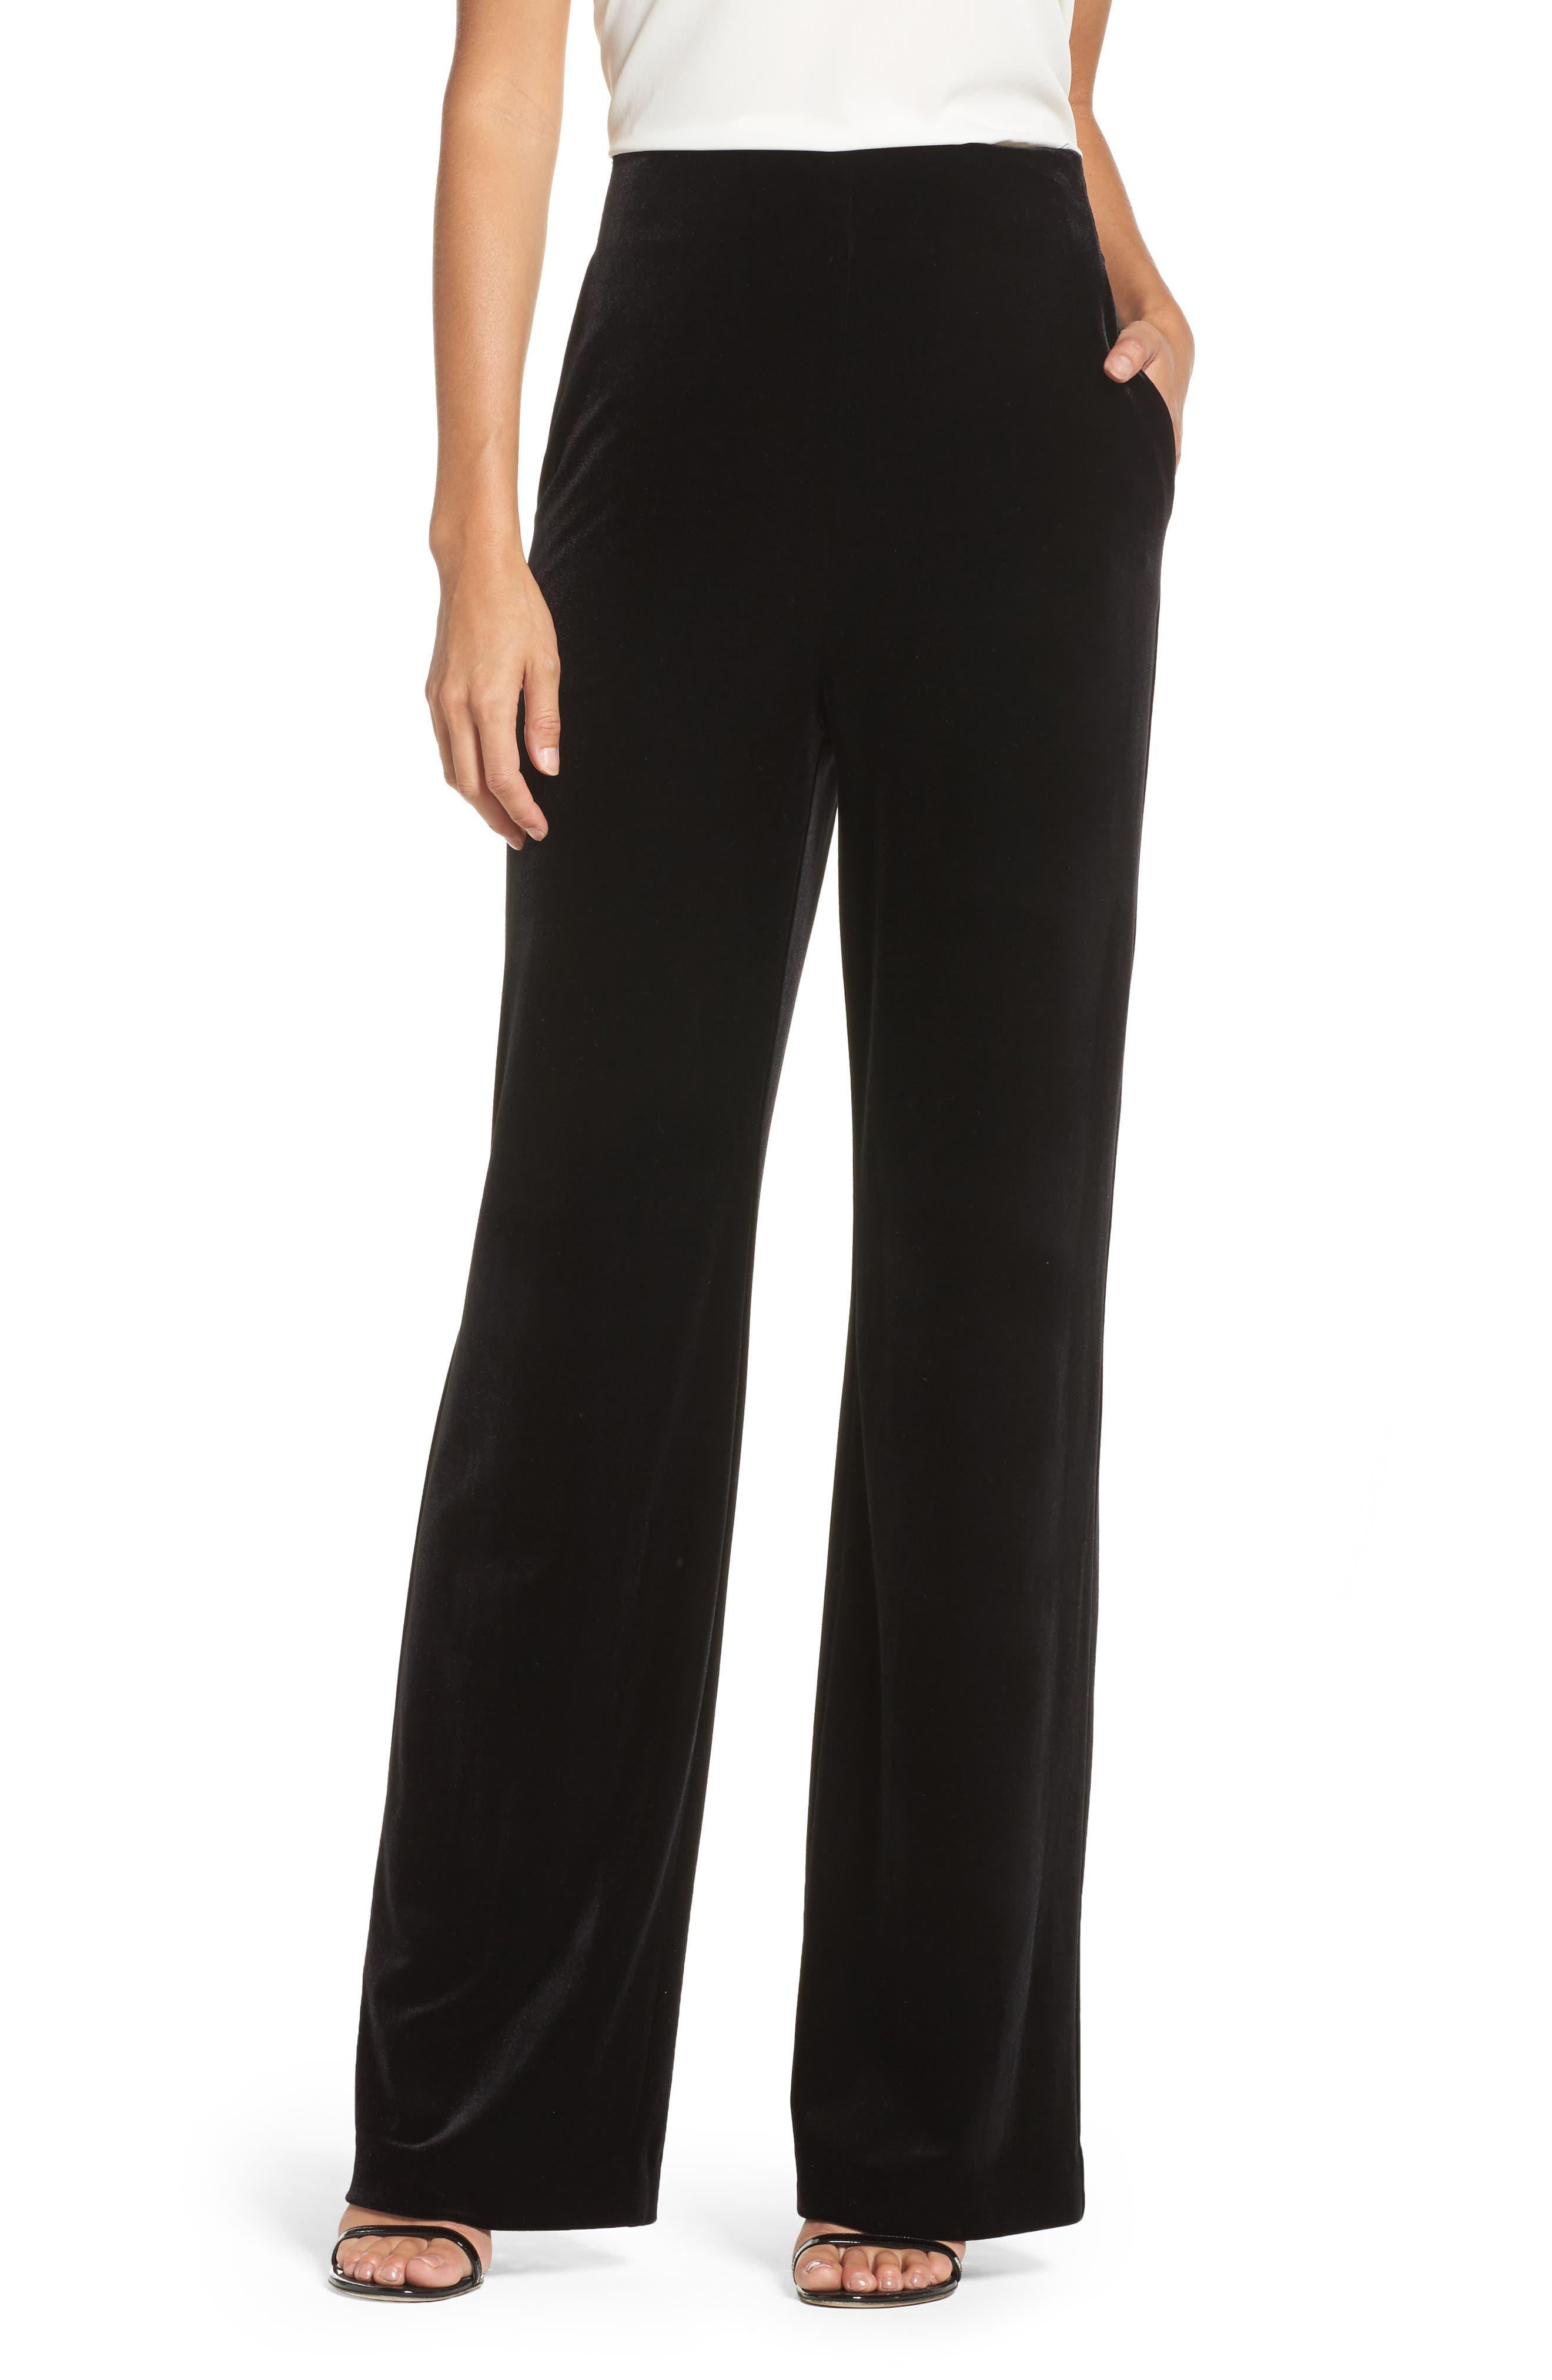 Alternate Image 1 Selected - Eliza J Velvet Trousers